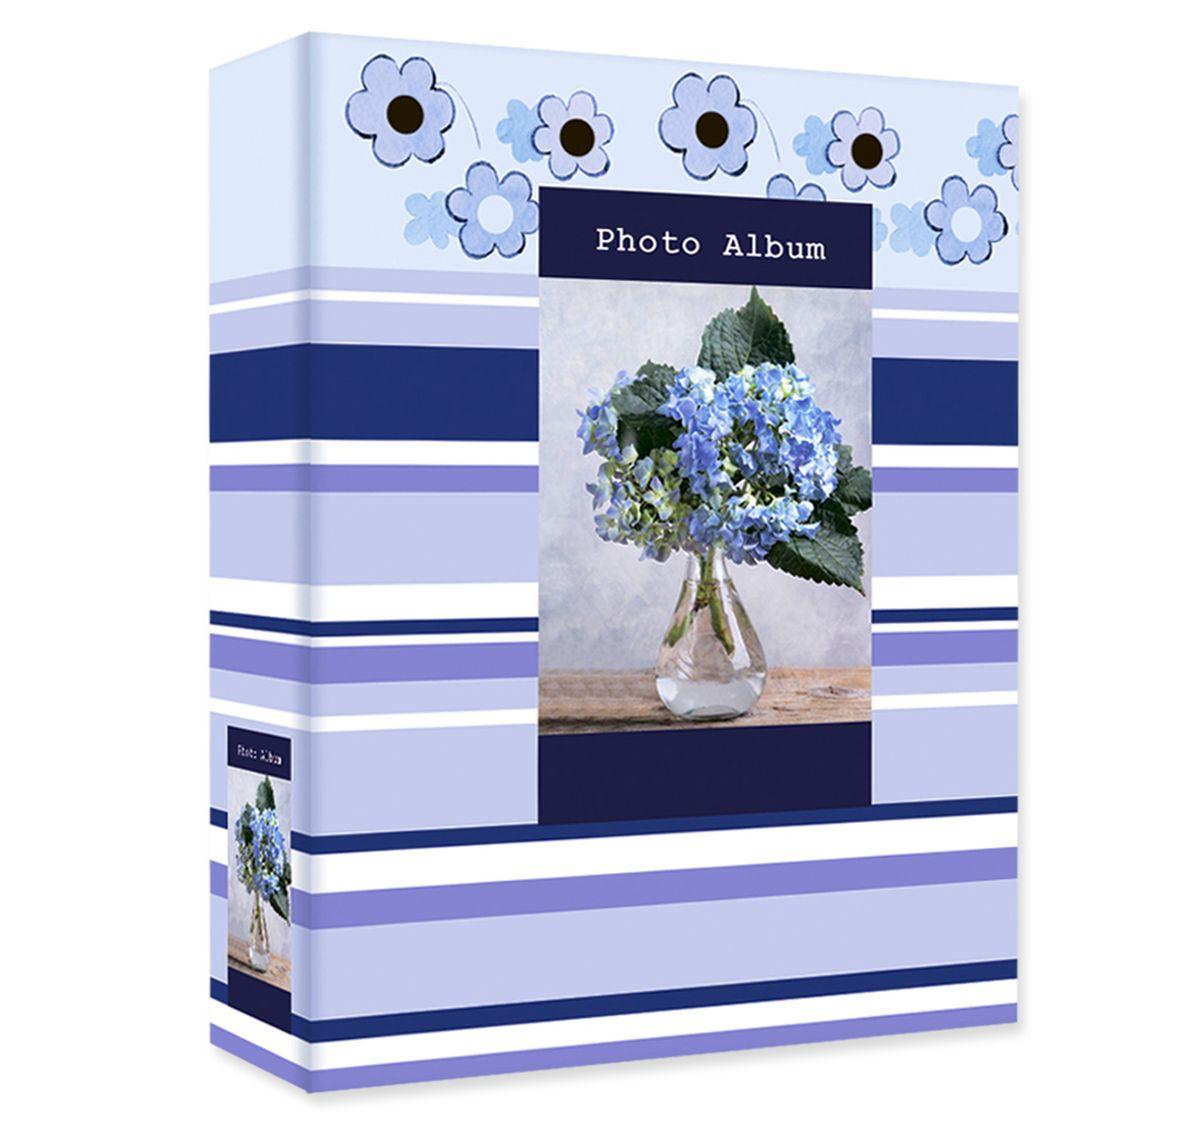 Фотоальбом Pioneer Early Spring, 100 фотографий, цвет: голубой, 10 х 15 смБрелок для ключейАльбом для фотографий формата 10х15 см.Тип обложки: ламинированный картон.Тип листов: полипропиленовые.Тип переплета: высокочастотная сварка.Кол-во фотографий: 100.Материалы, использованные в изготовлении альбома, обеспечивают высокое качество хранения Ваших фотографий, поэтому фотографии не желтеют со временем.